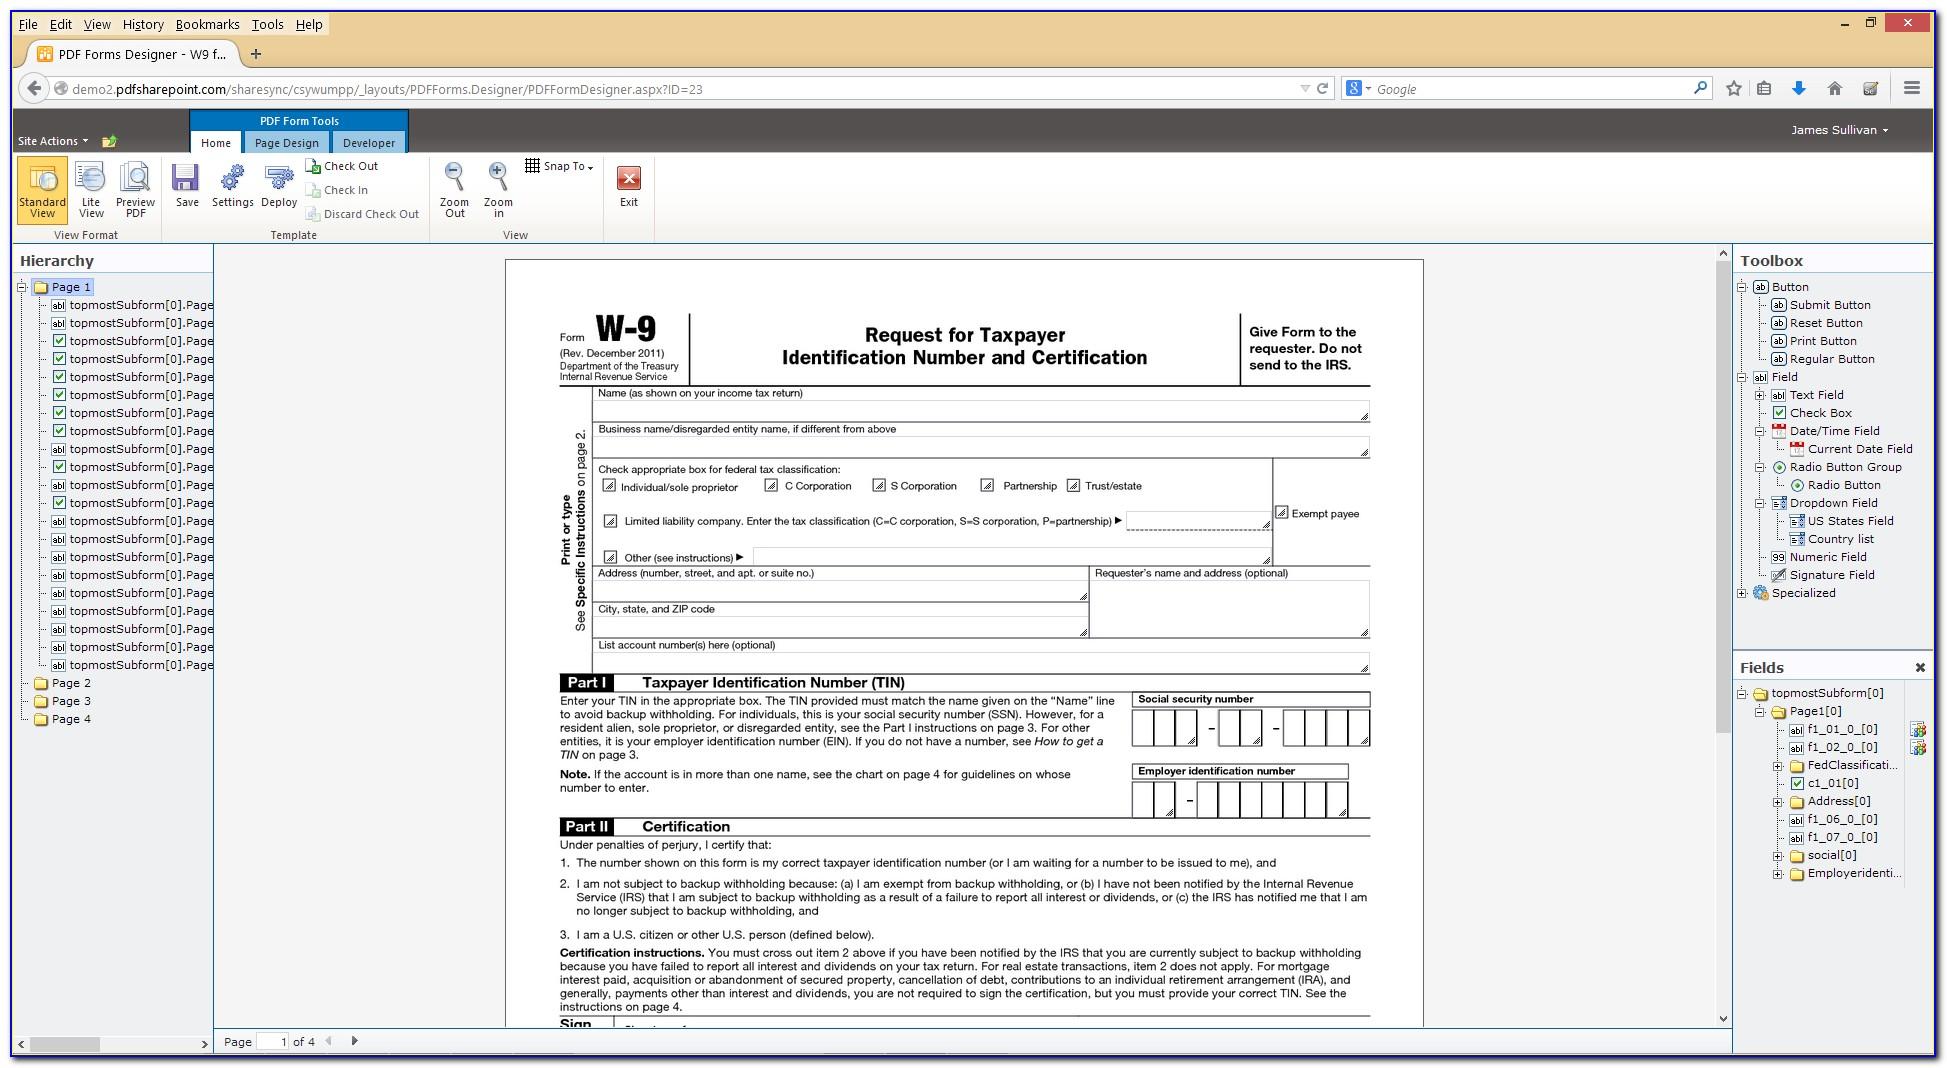 Adobe Forms Designer Download